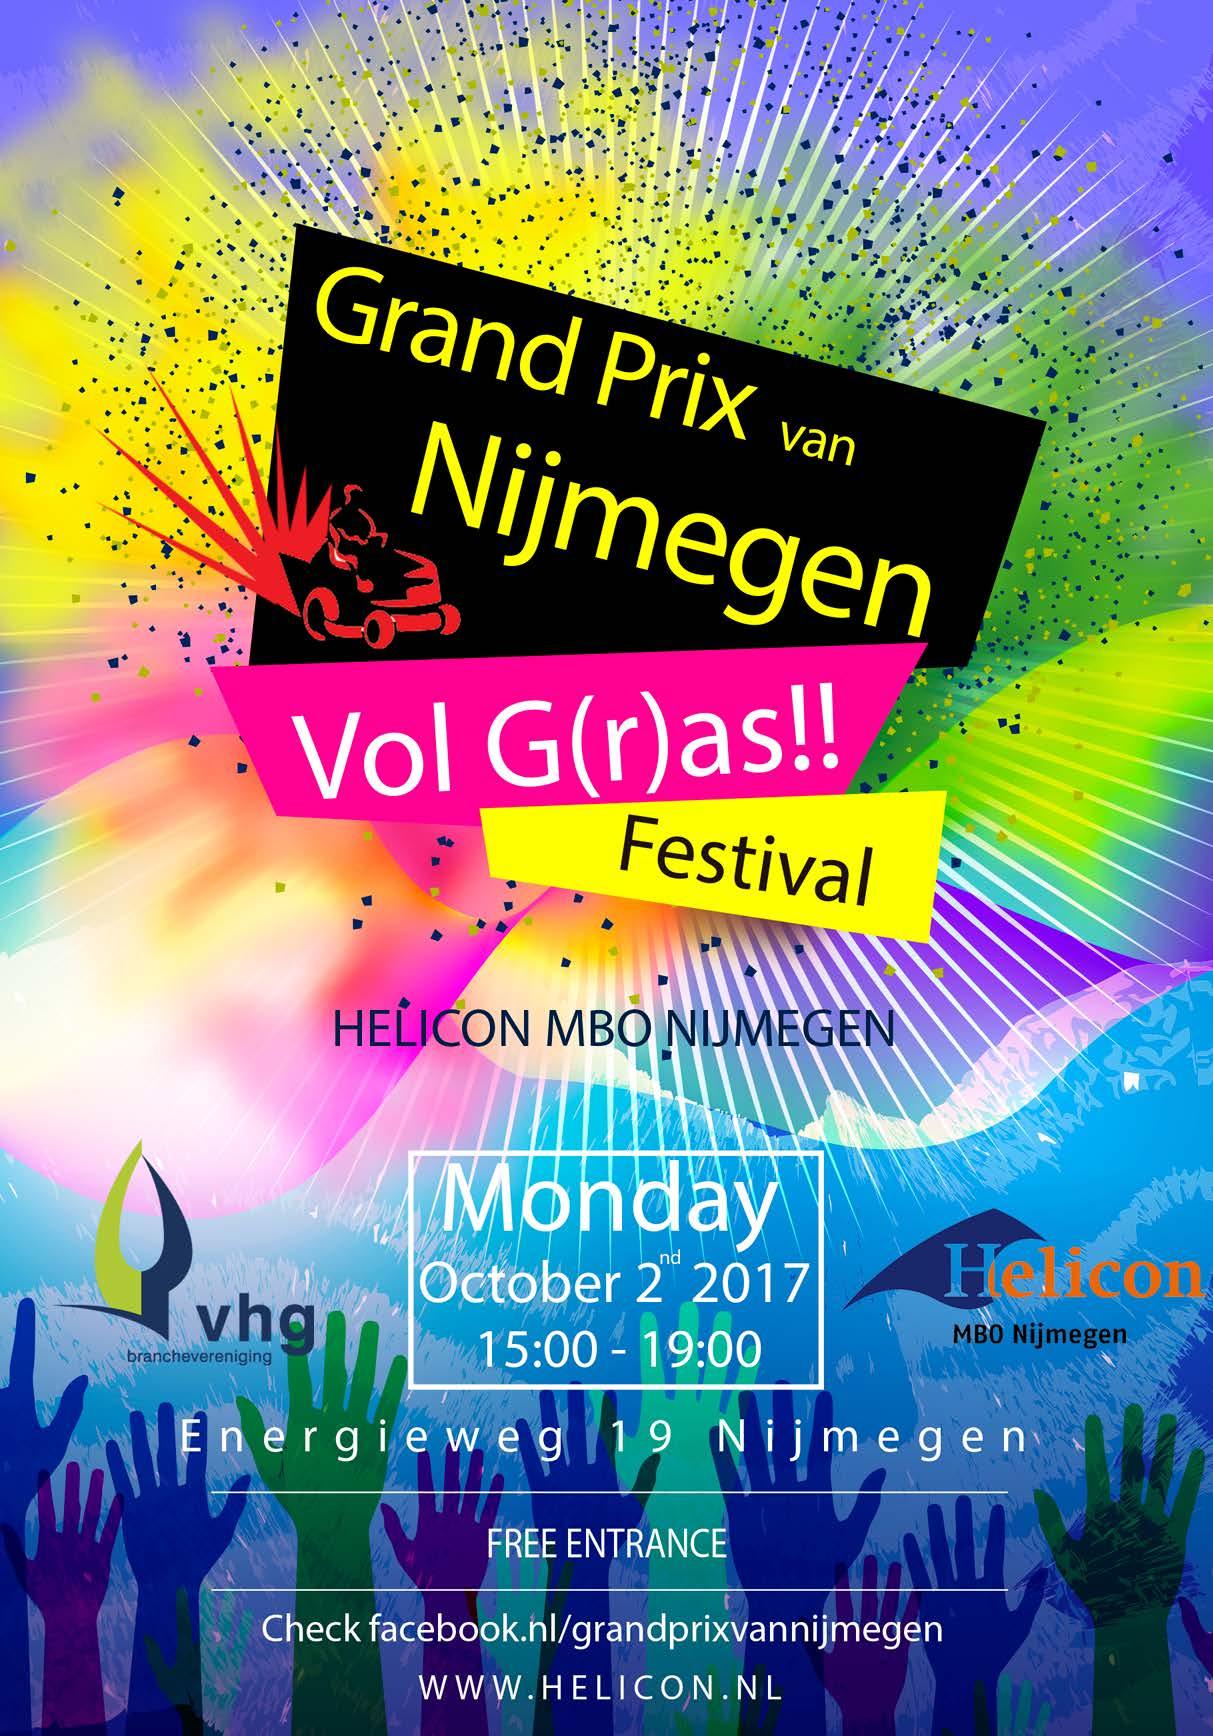 Helicon organiseert Grand Prix van Nijmegen: VOL (G)RAS